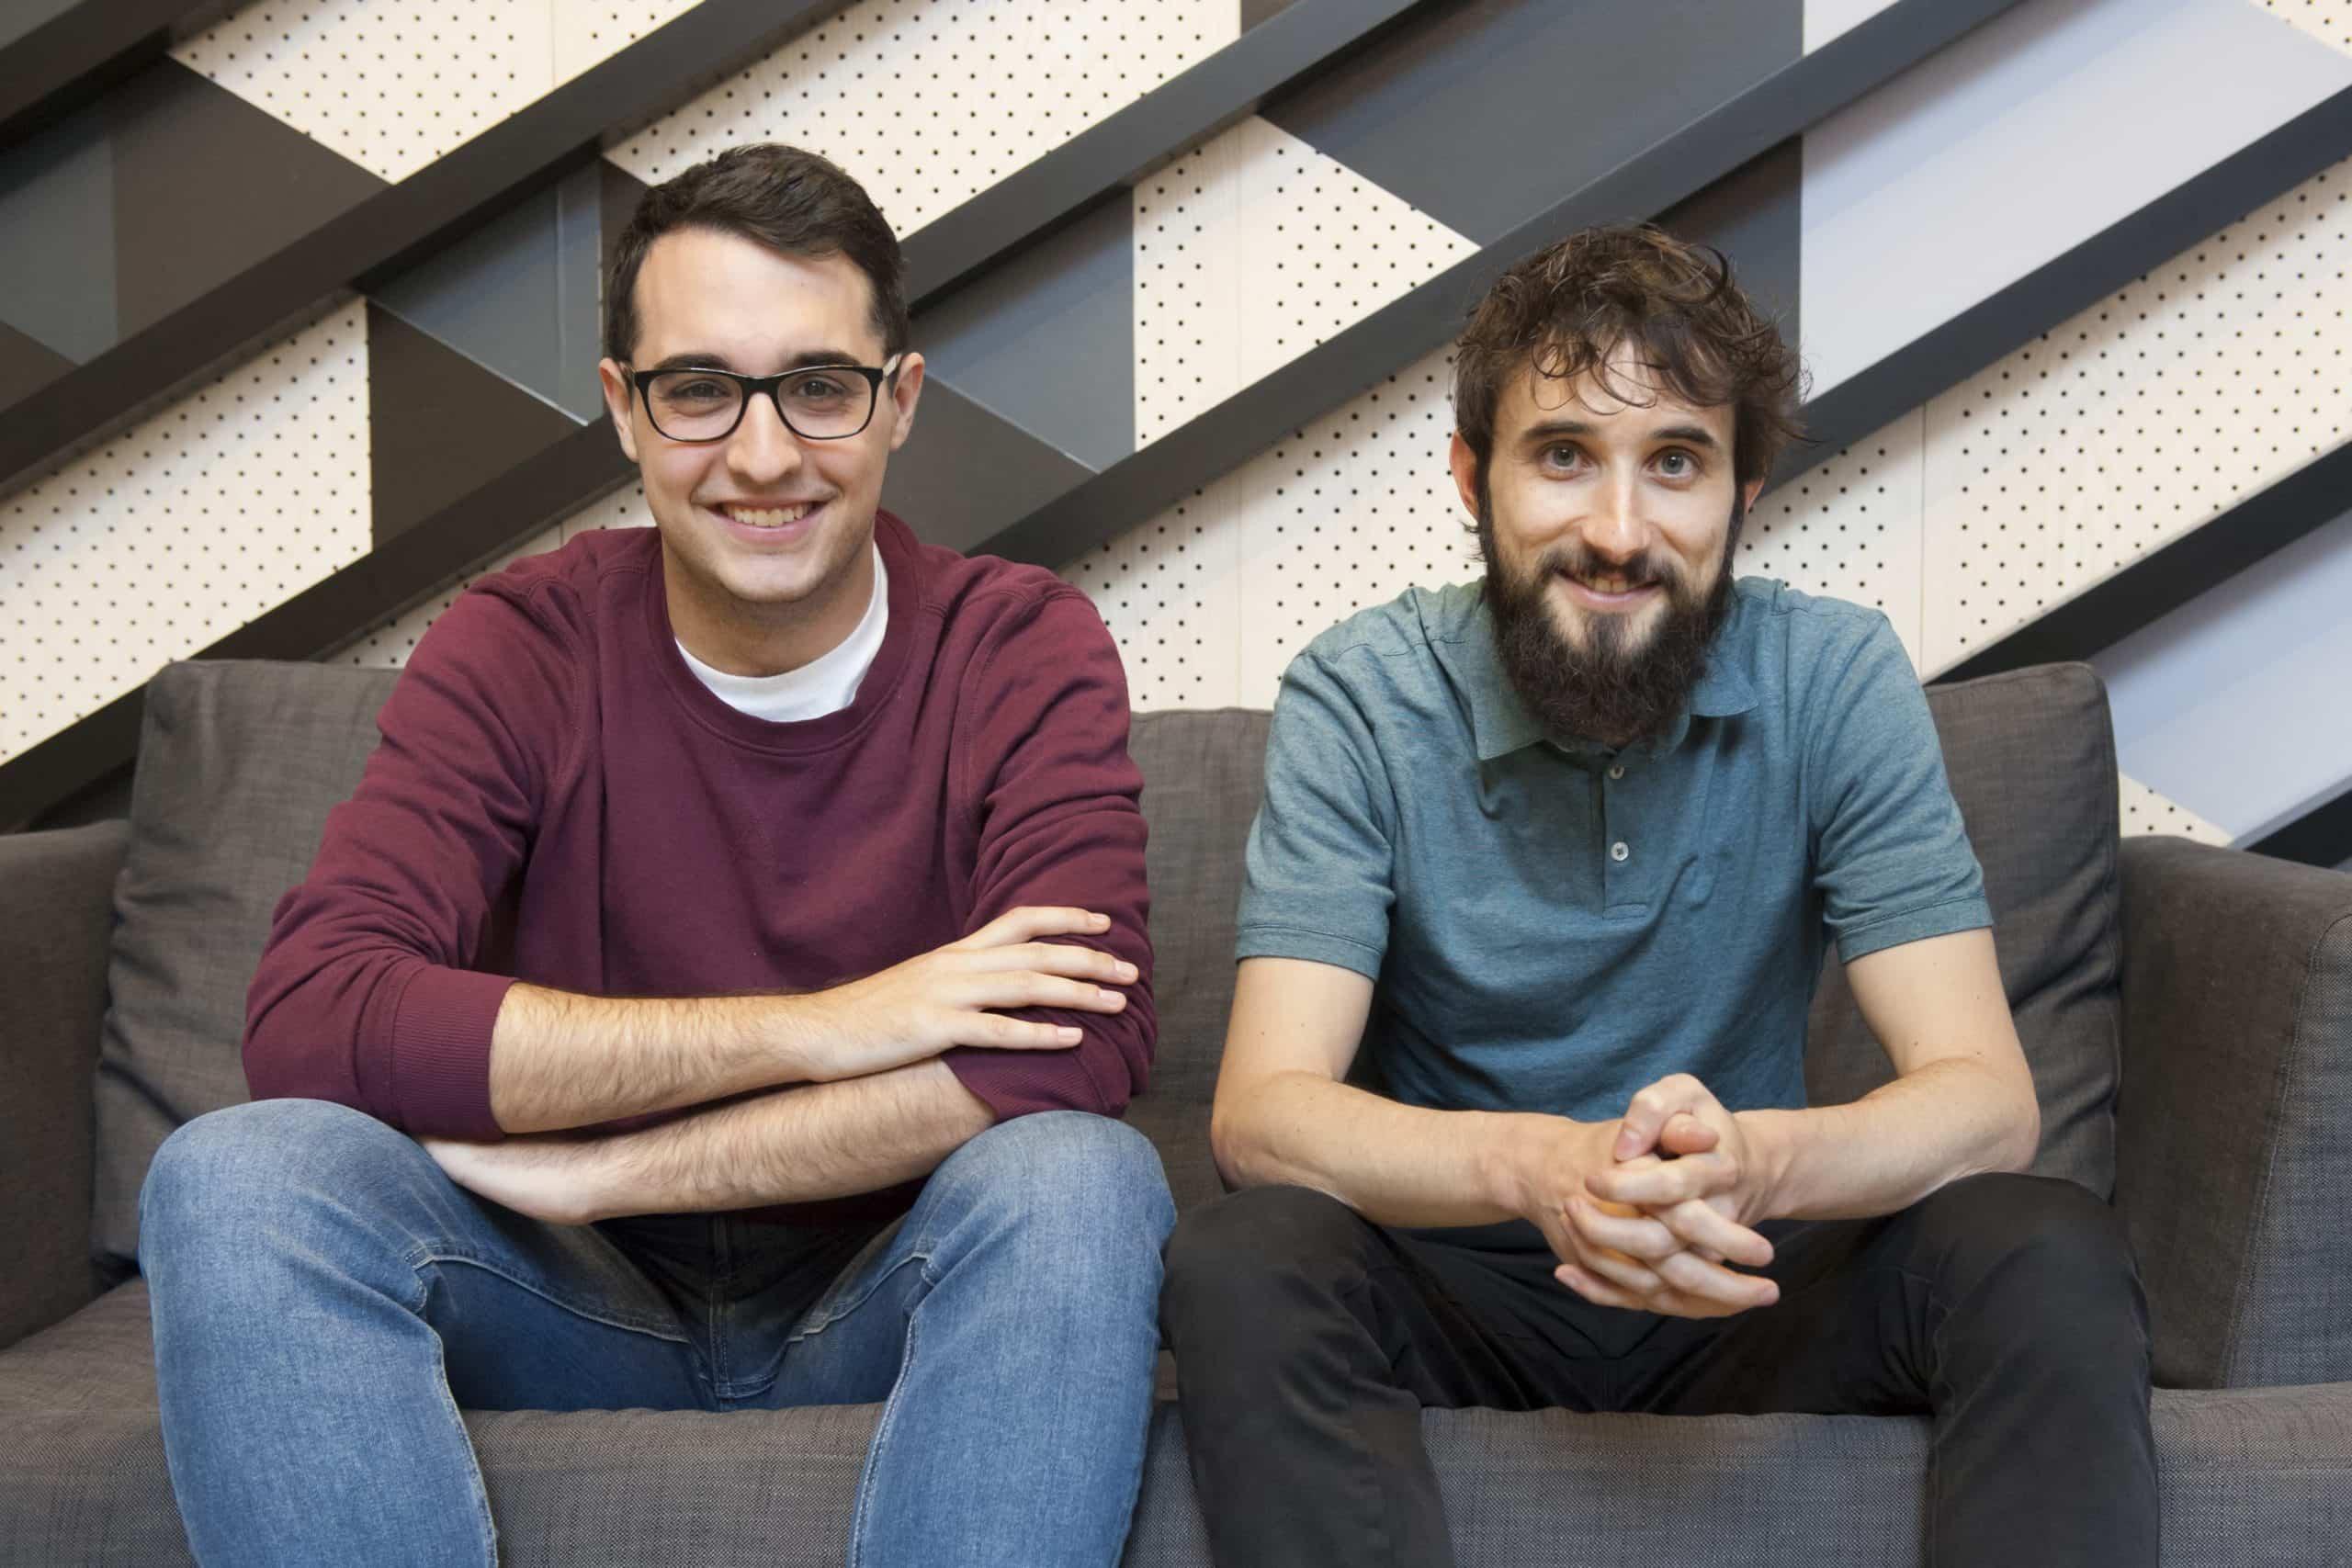 fundadores frontity wordpress scaled - El herenciano David Carrero invierte con Automattic, creadores de WordPress.com, en la plataforma Frontity